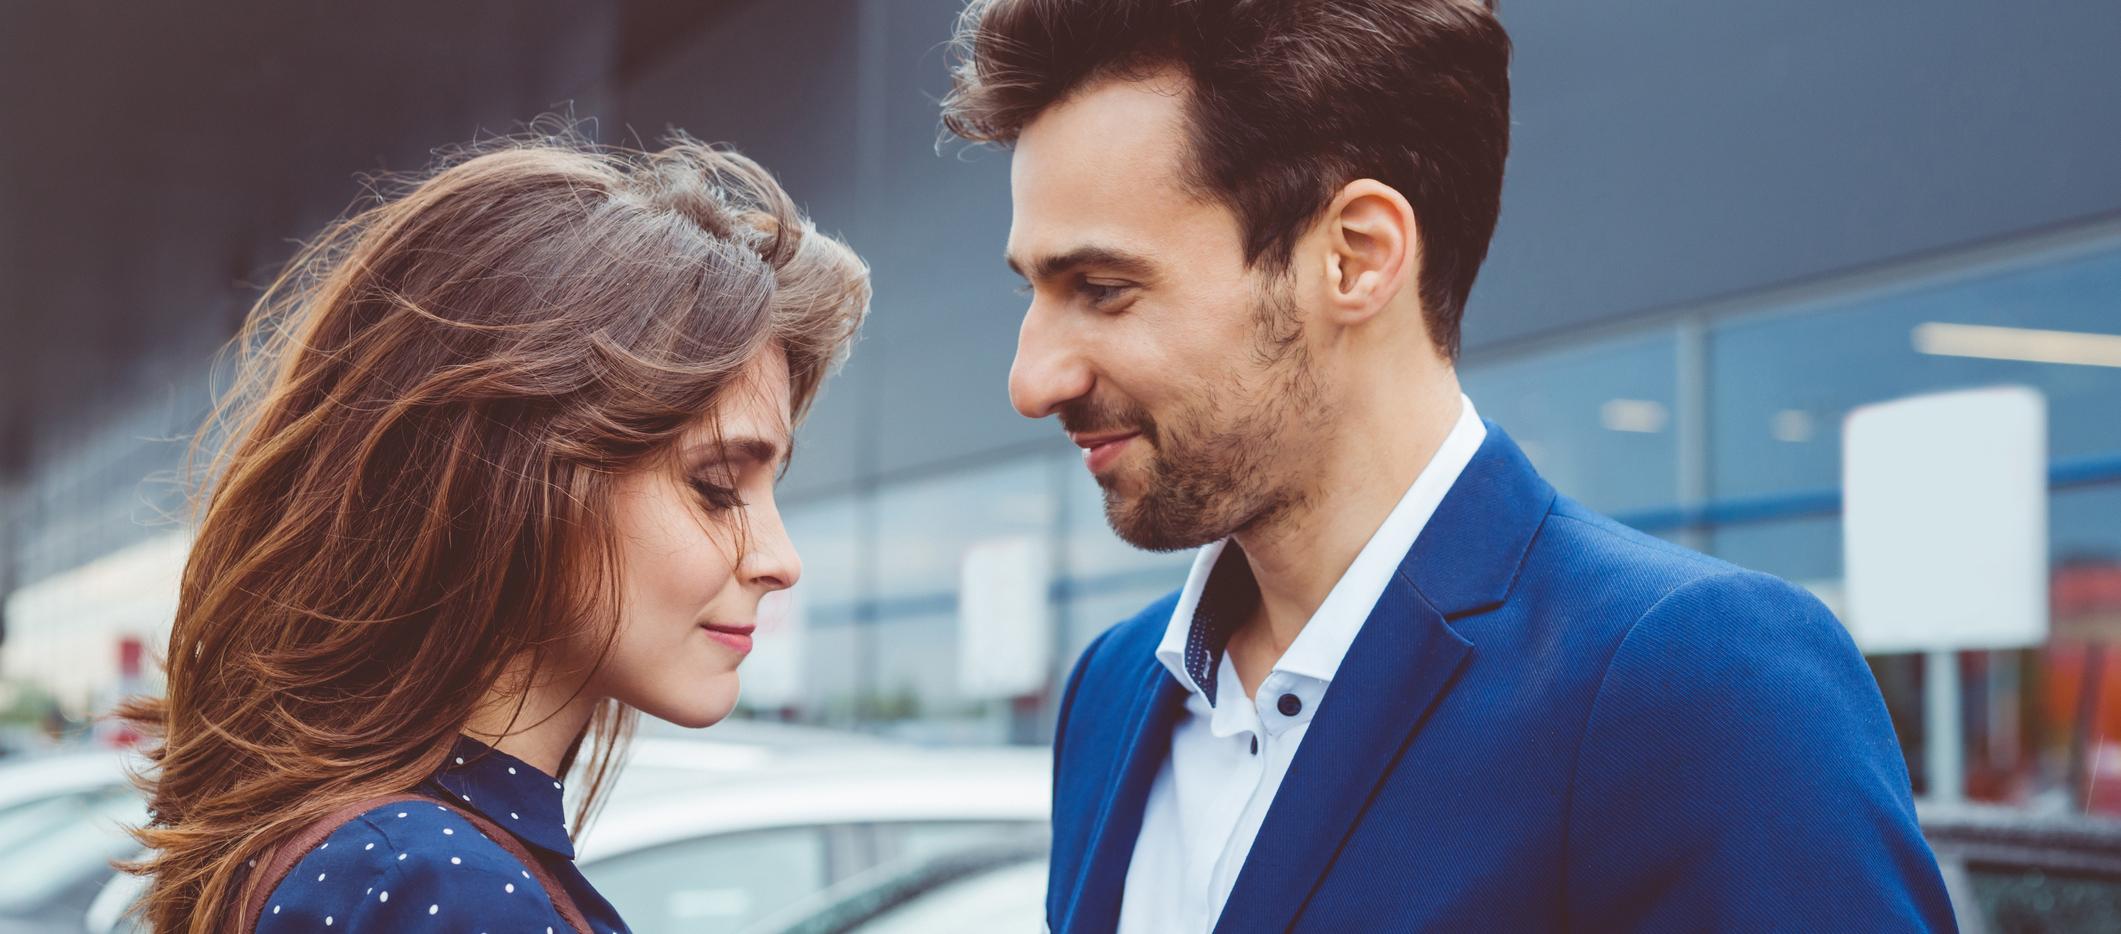 Comment flirter avec ametie